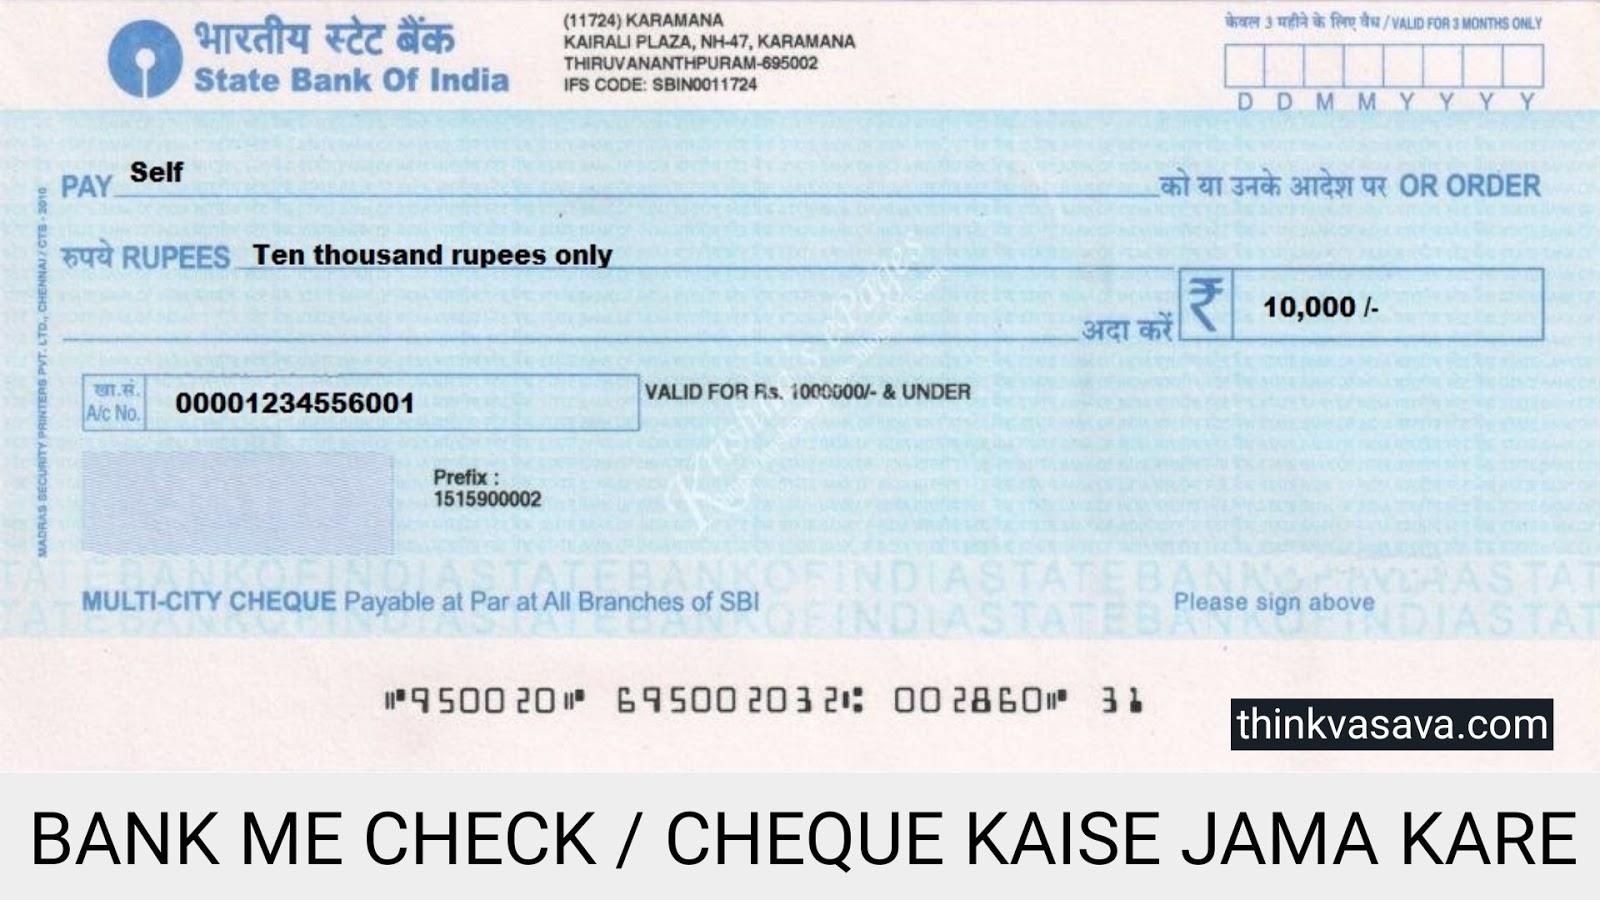 Kare Bank bank me check cheque kaise jama kare ब क म च क